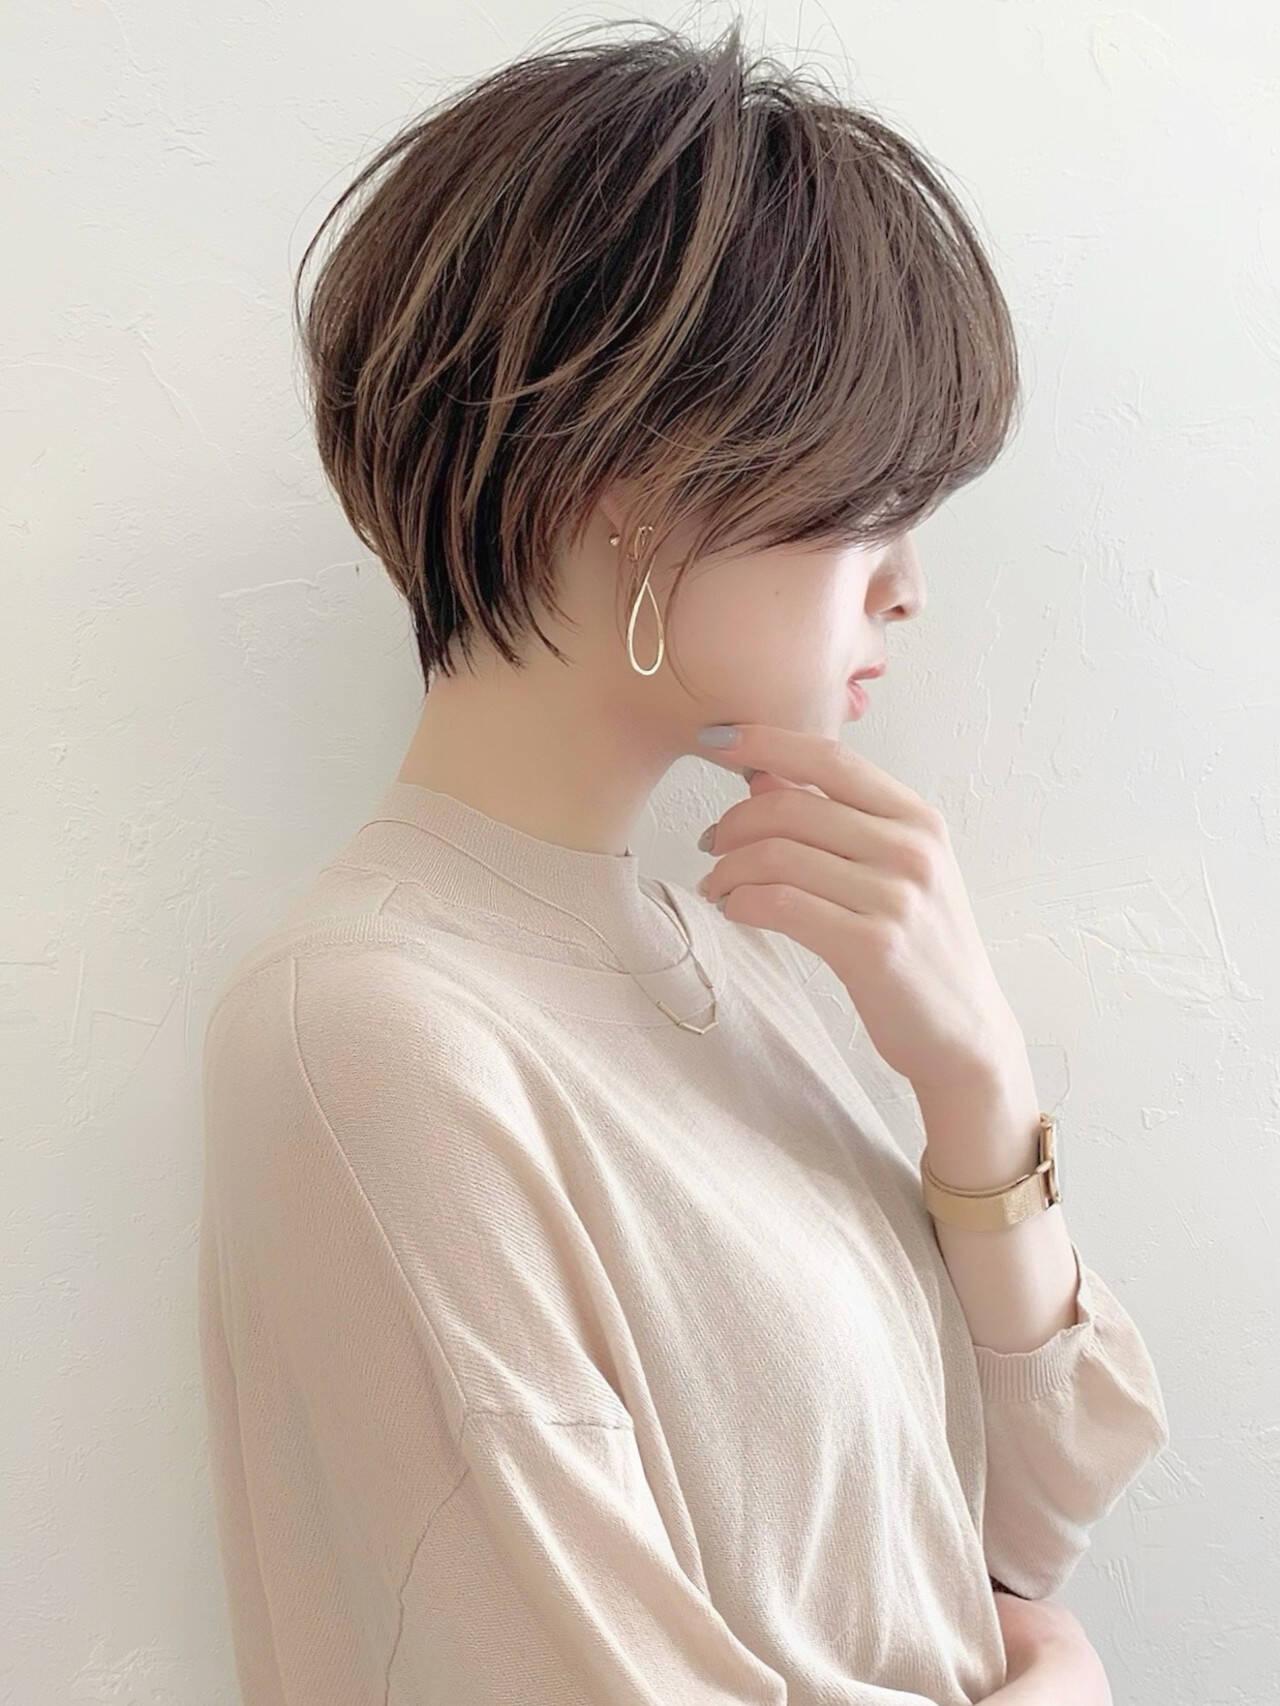 マッシュショート ショートボブ 耳掛けショート ショートヘアスタイルや髪型の写真・画像